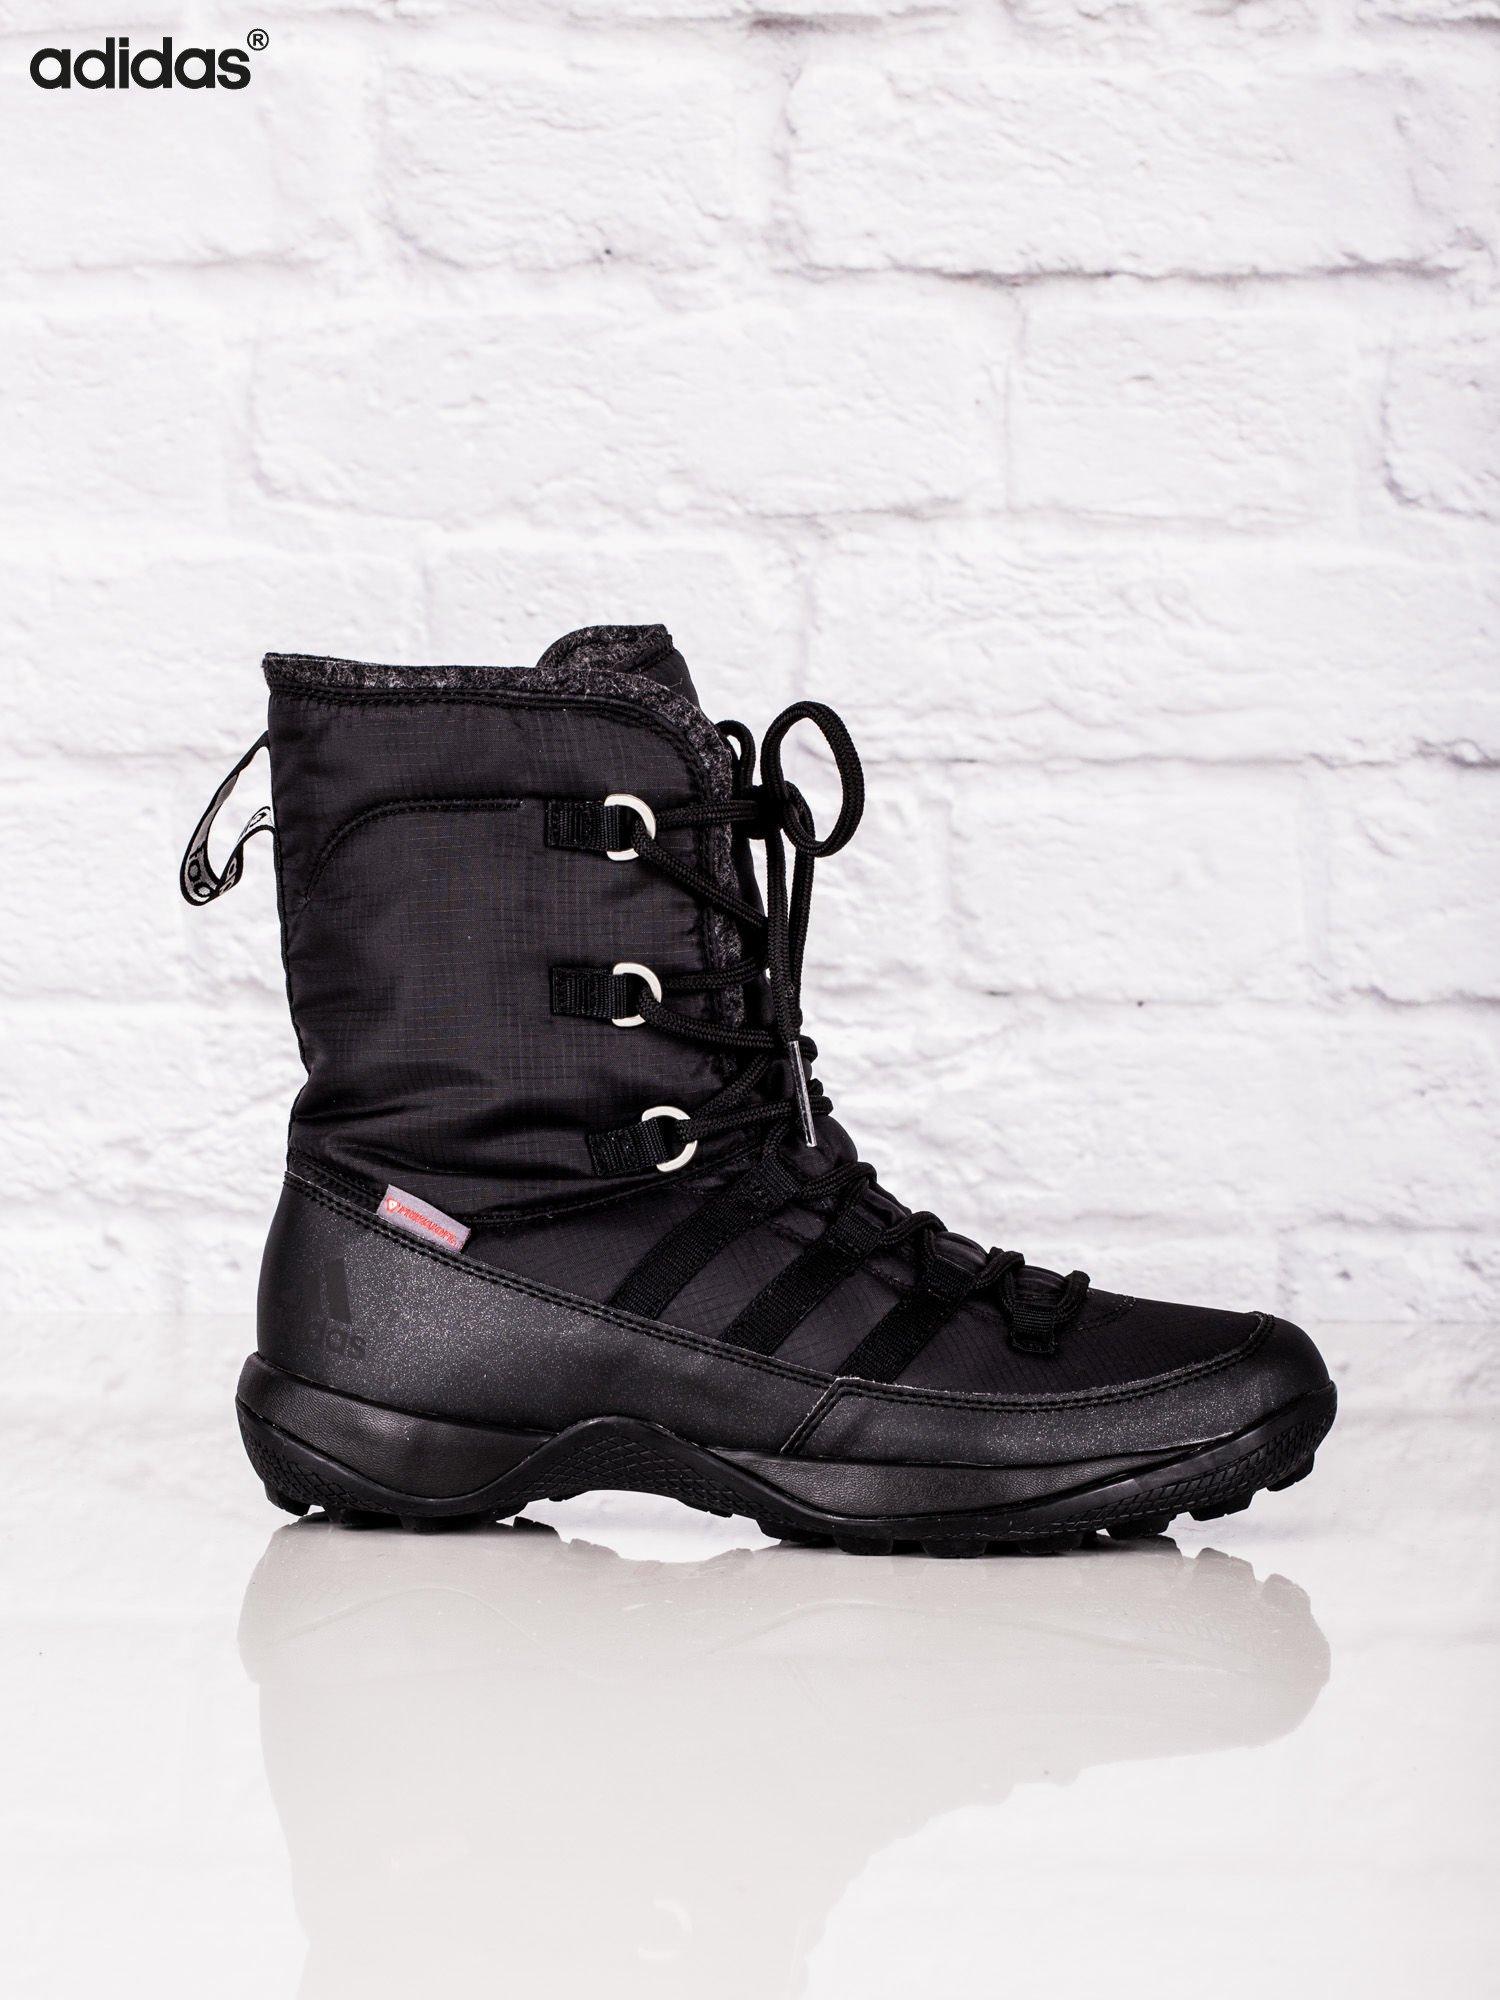 buty adidas czarne zimowe damskie